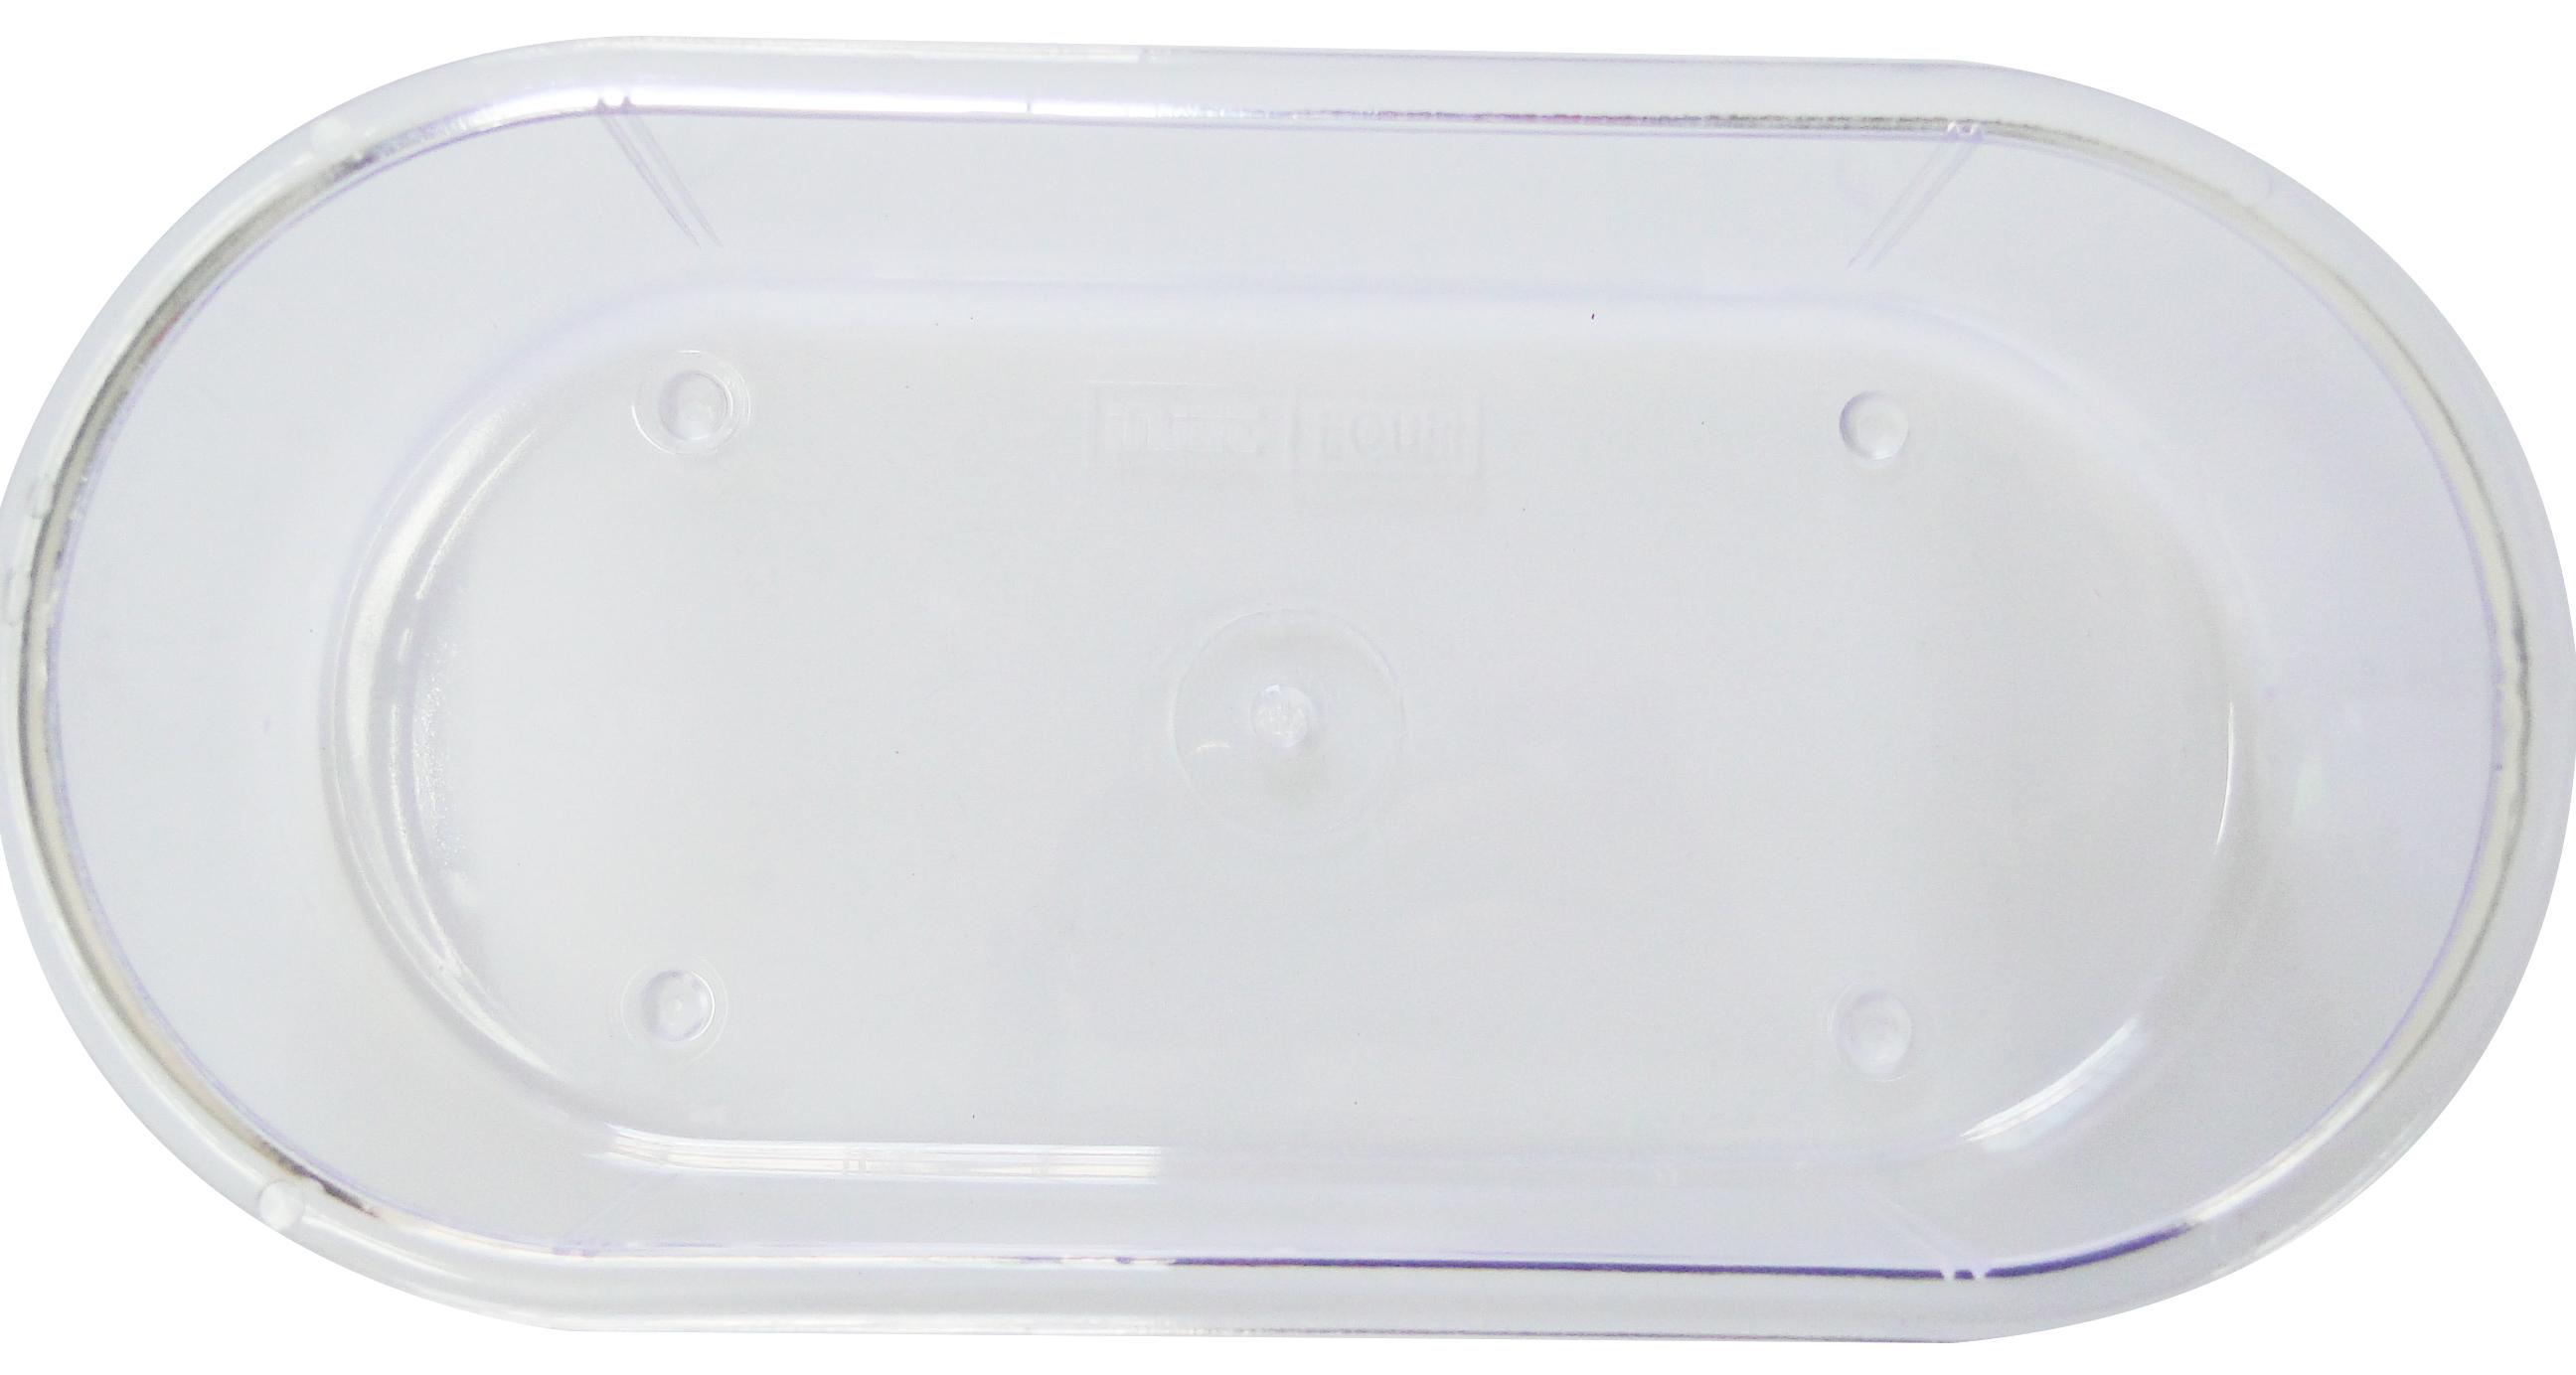 Banheira Viveiro Conico Cristal - 35